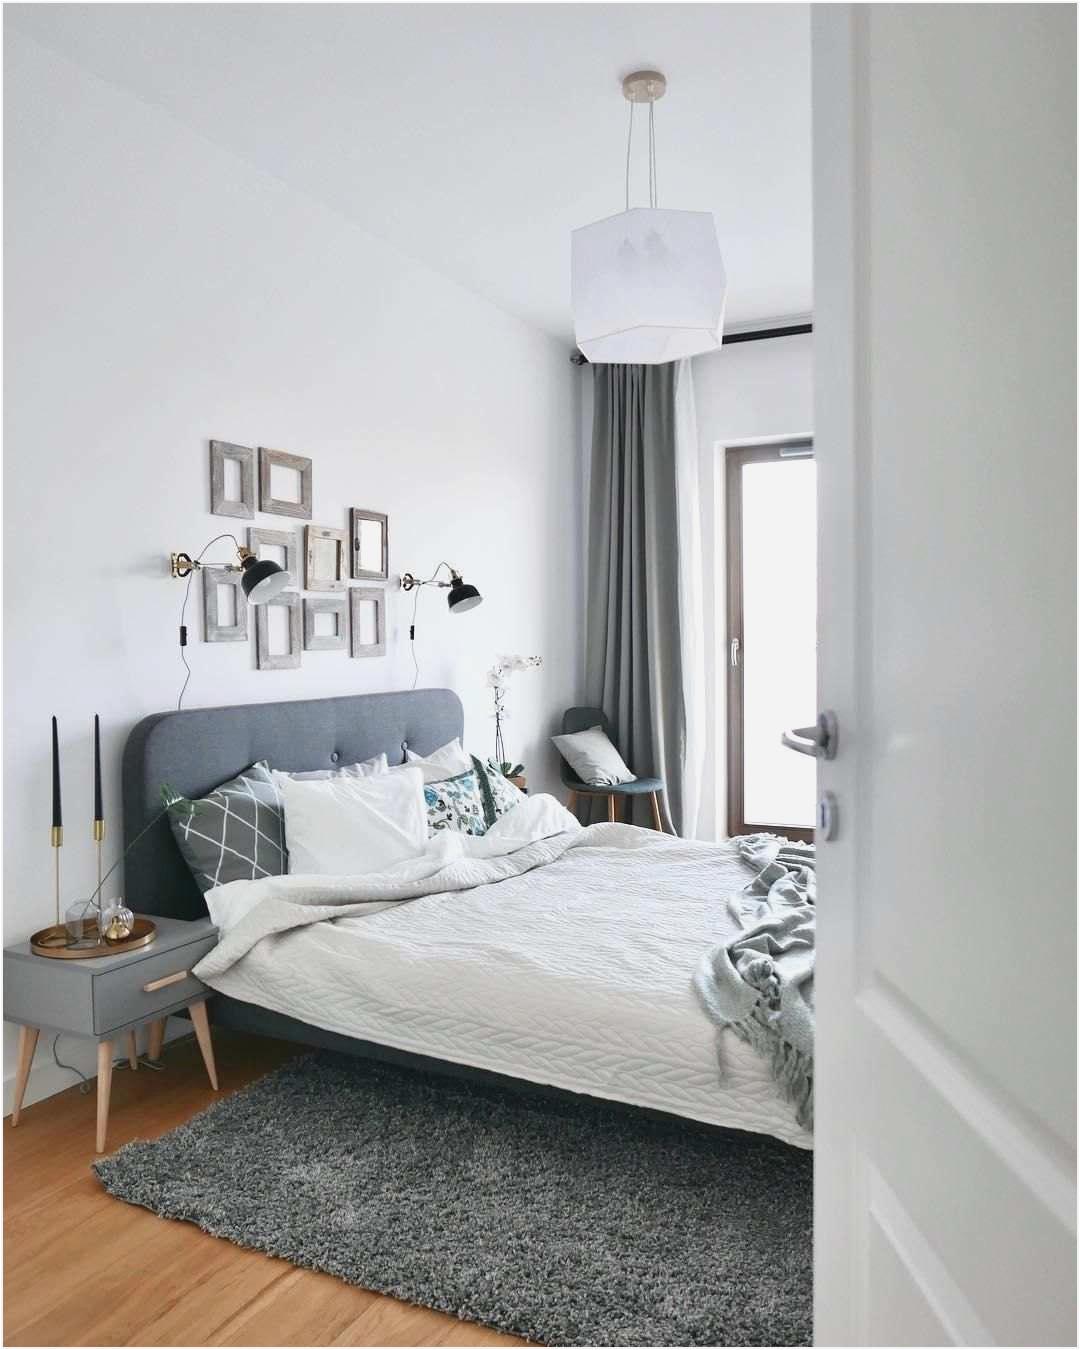 teppiche fur schlafzimmer ikea of teppiche fur schlafzimmer ikea